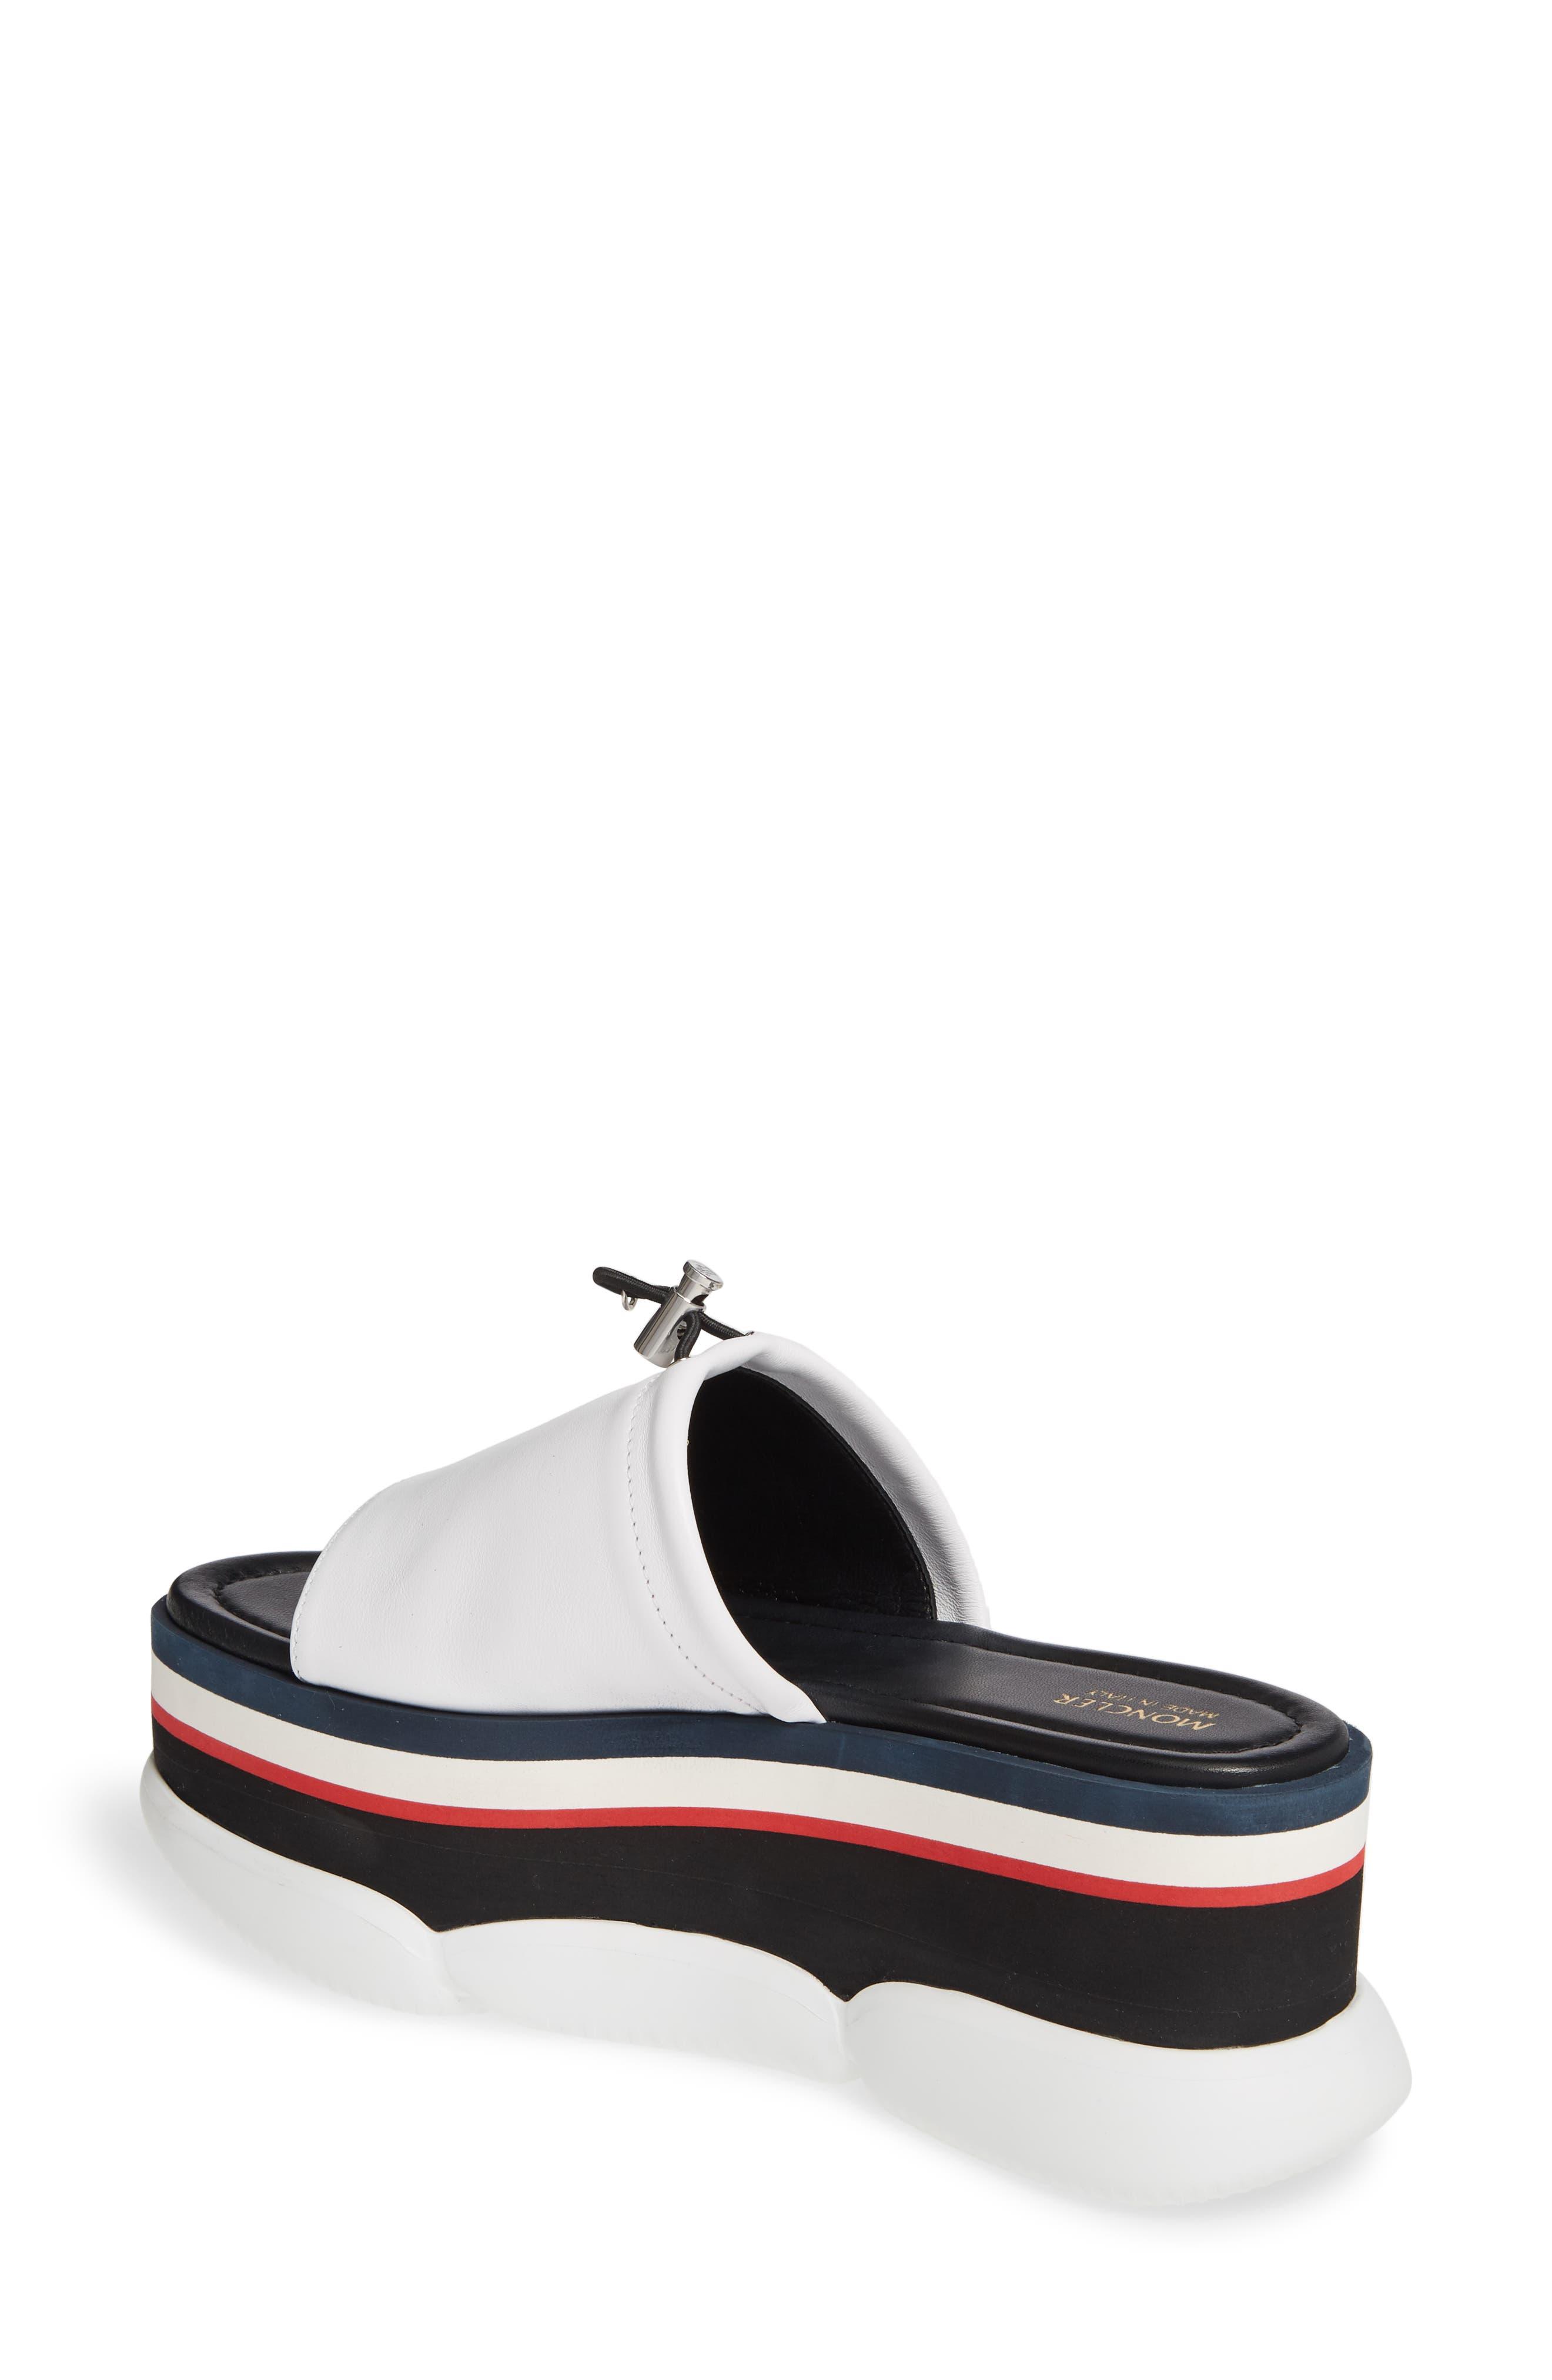 MONCLER, Zaira Platform Slide Sandal, Alternate thumbnail 2, color, WHITE